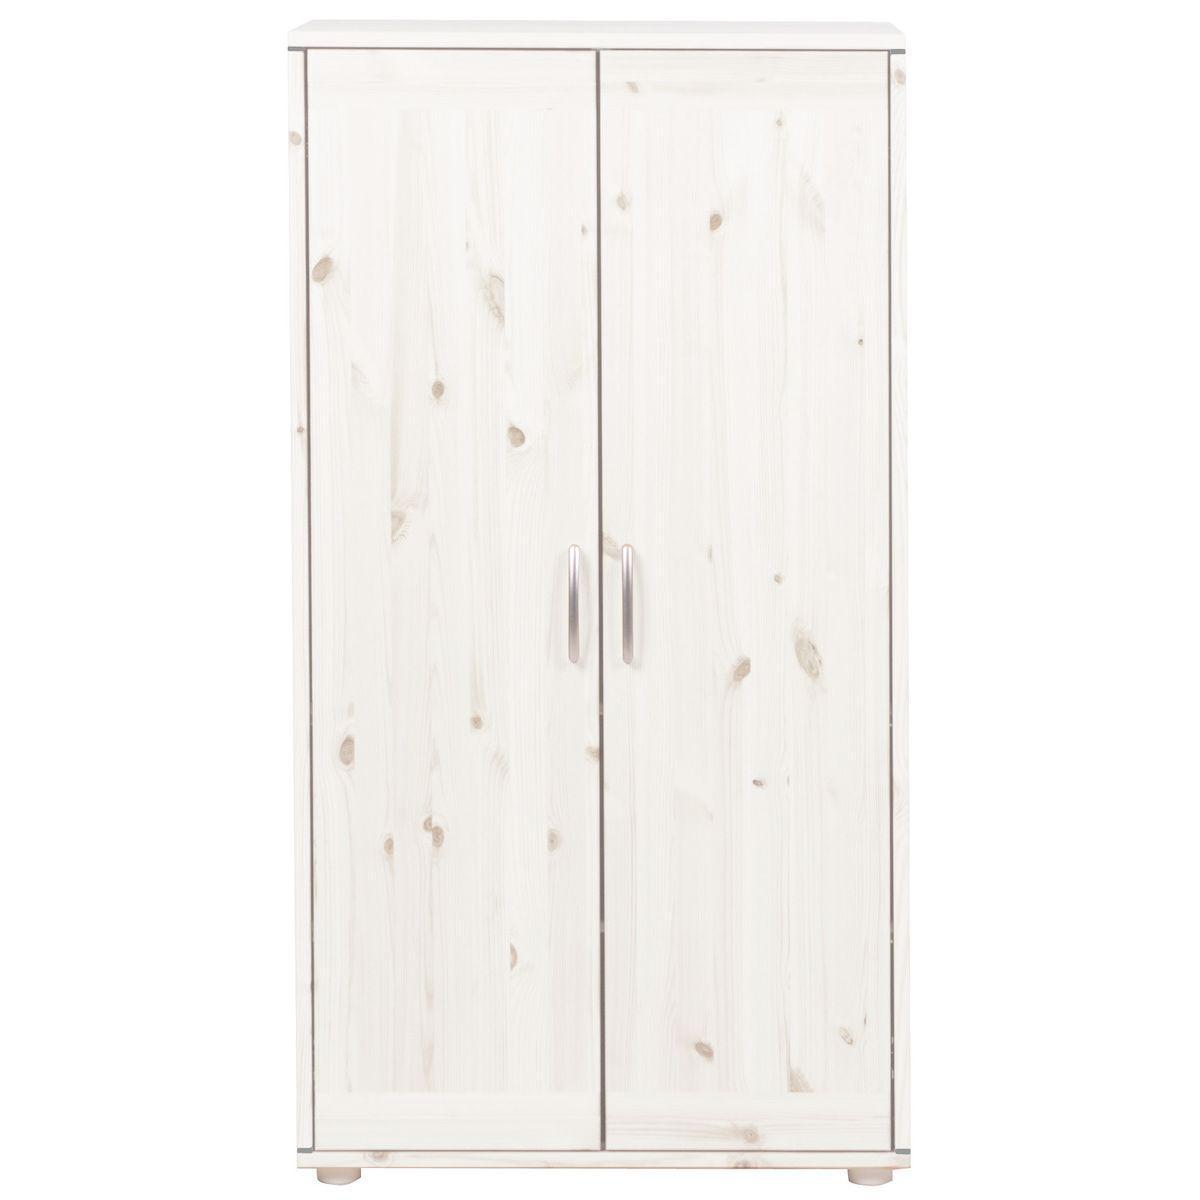 Armoire by Flexa avec deux portes